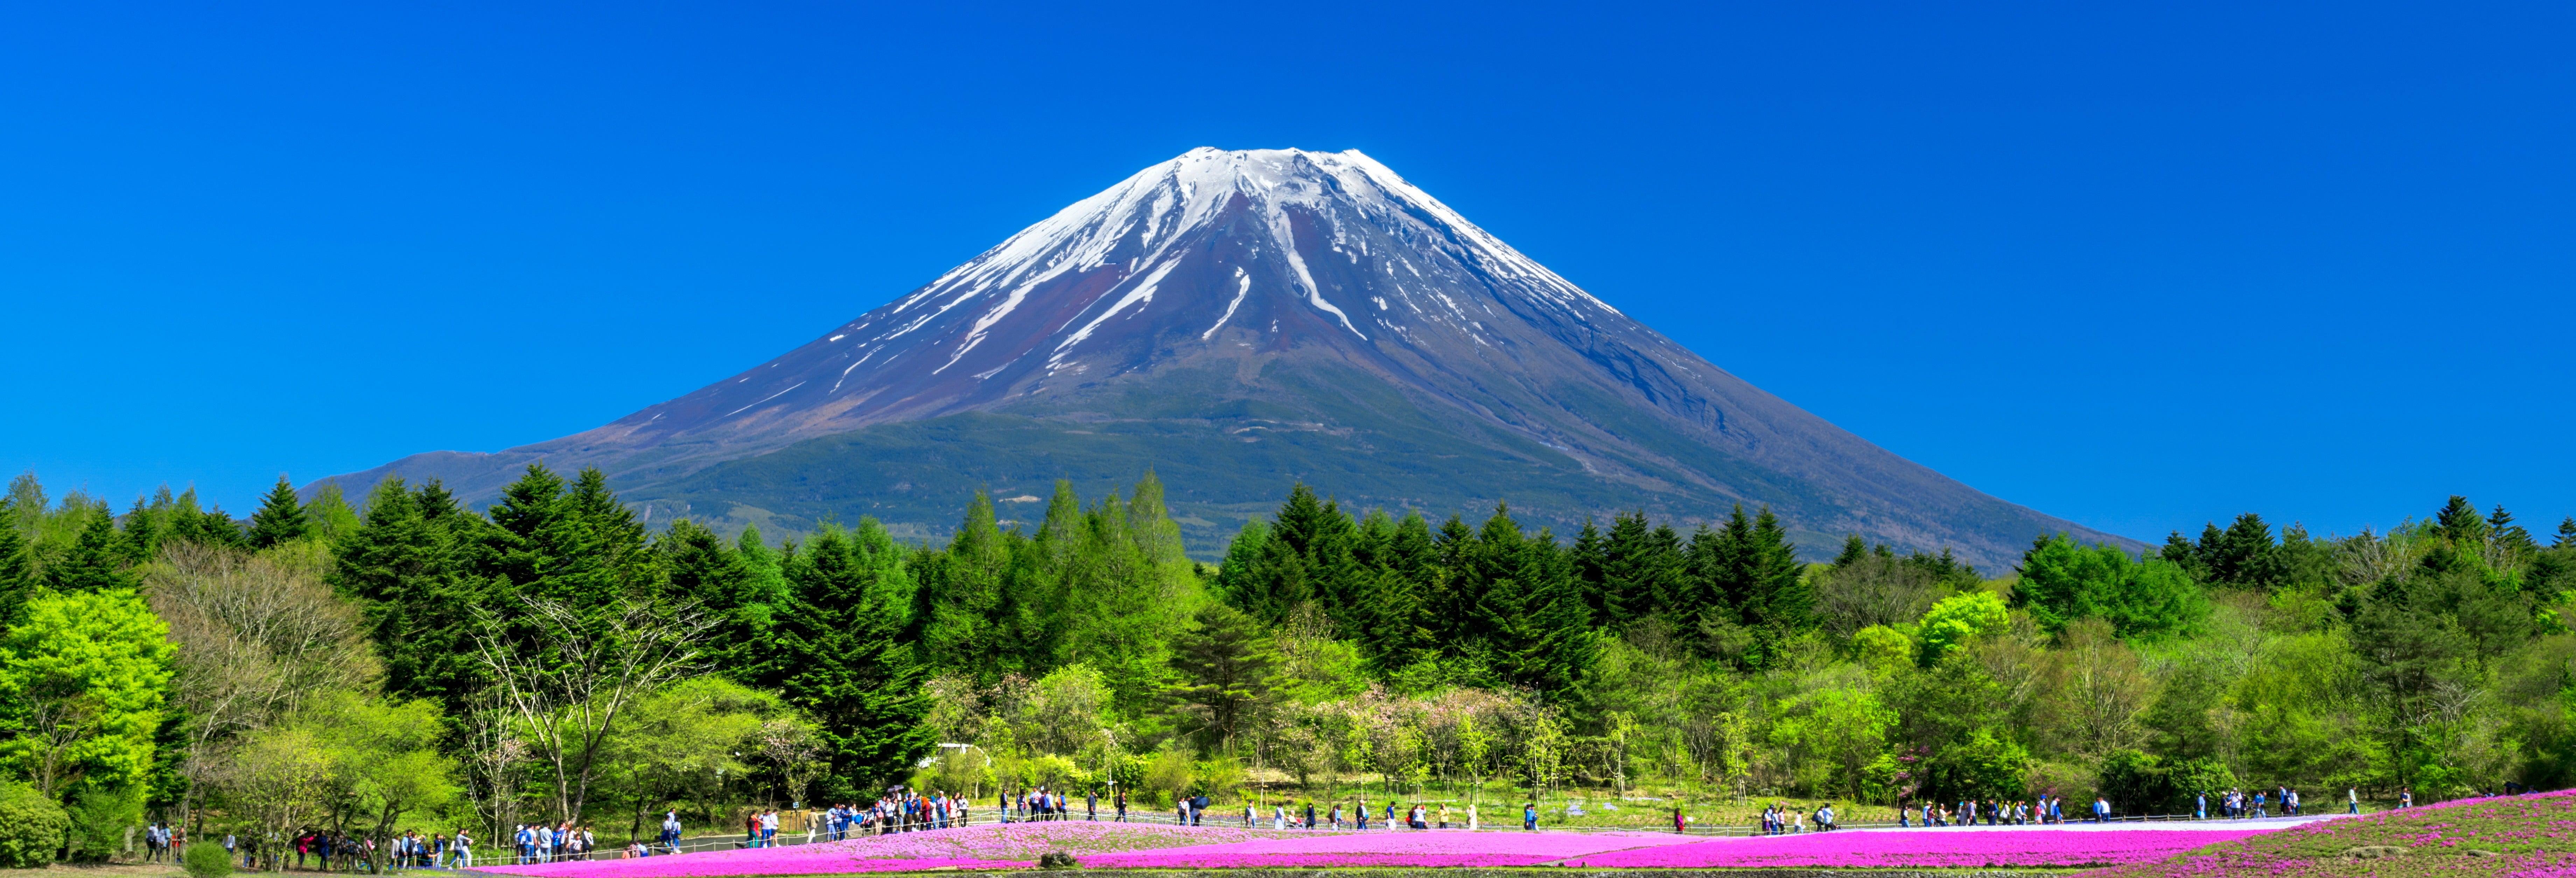 Excursión al monte Fuji + Recogida de fruta